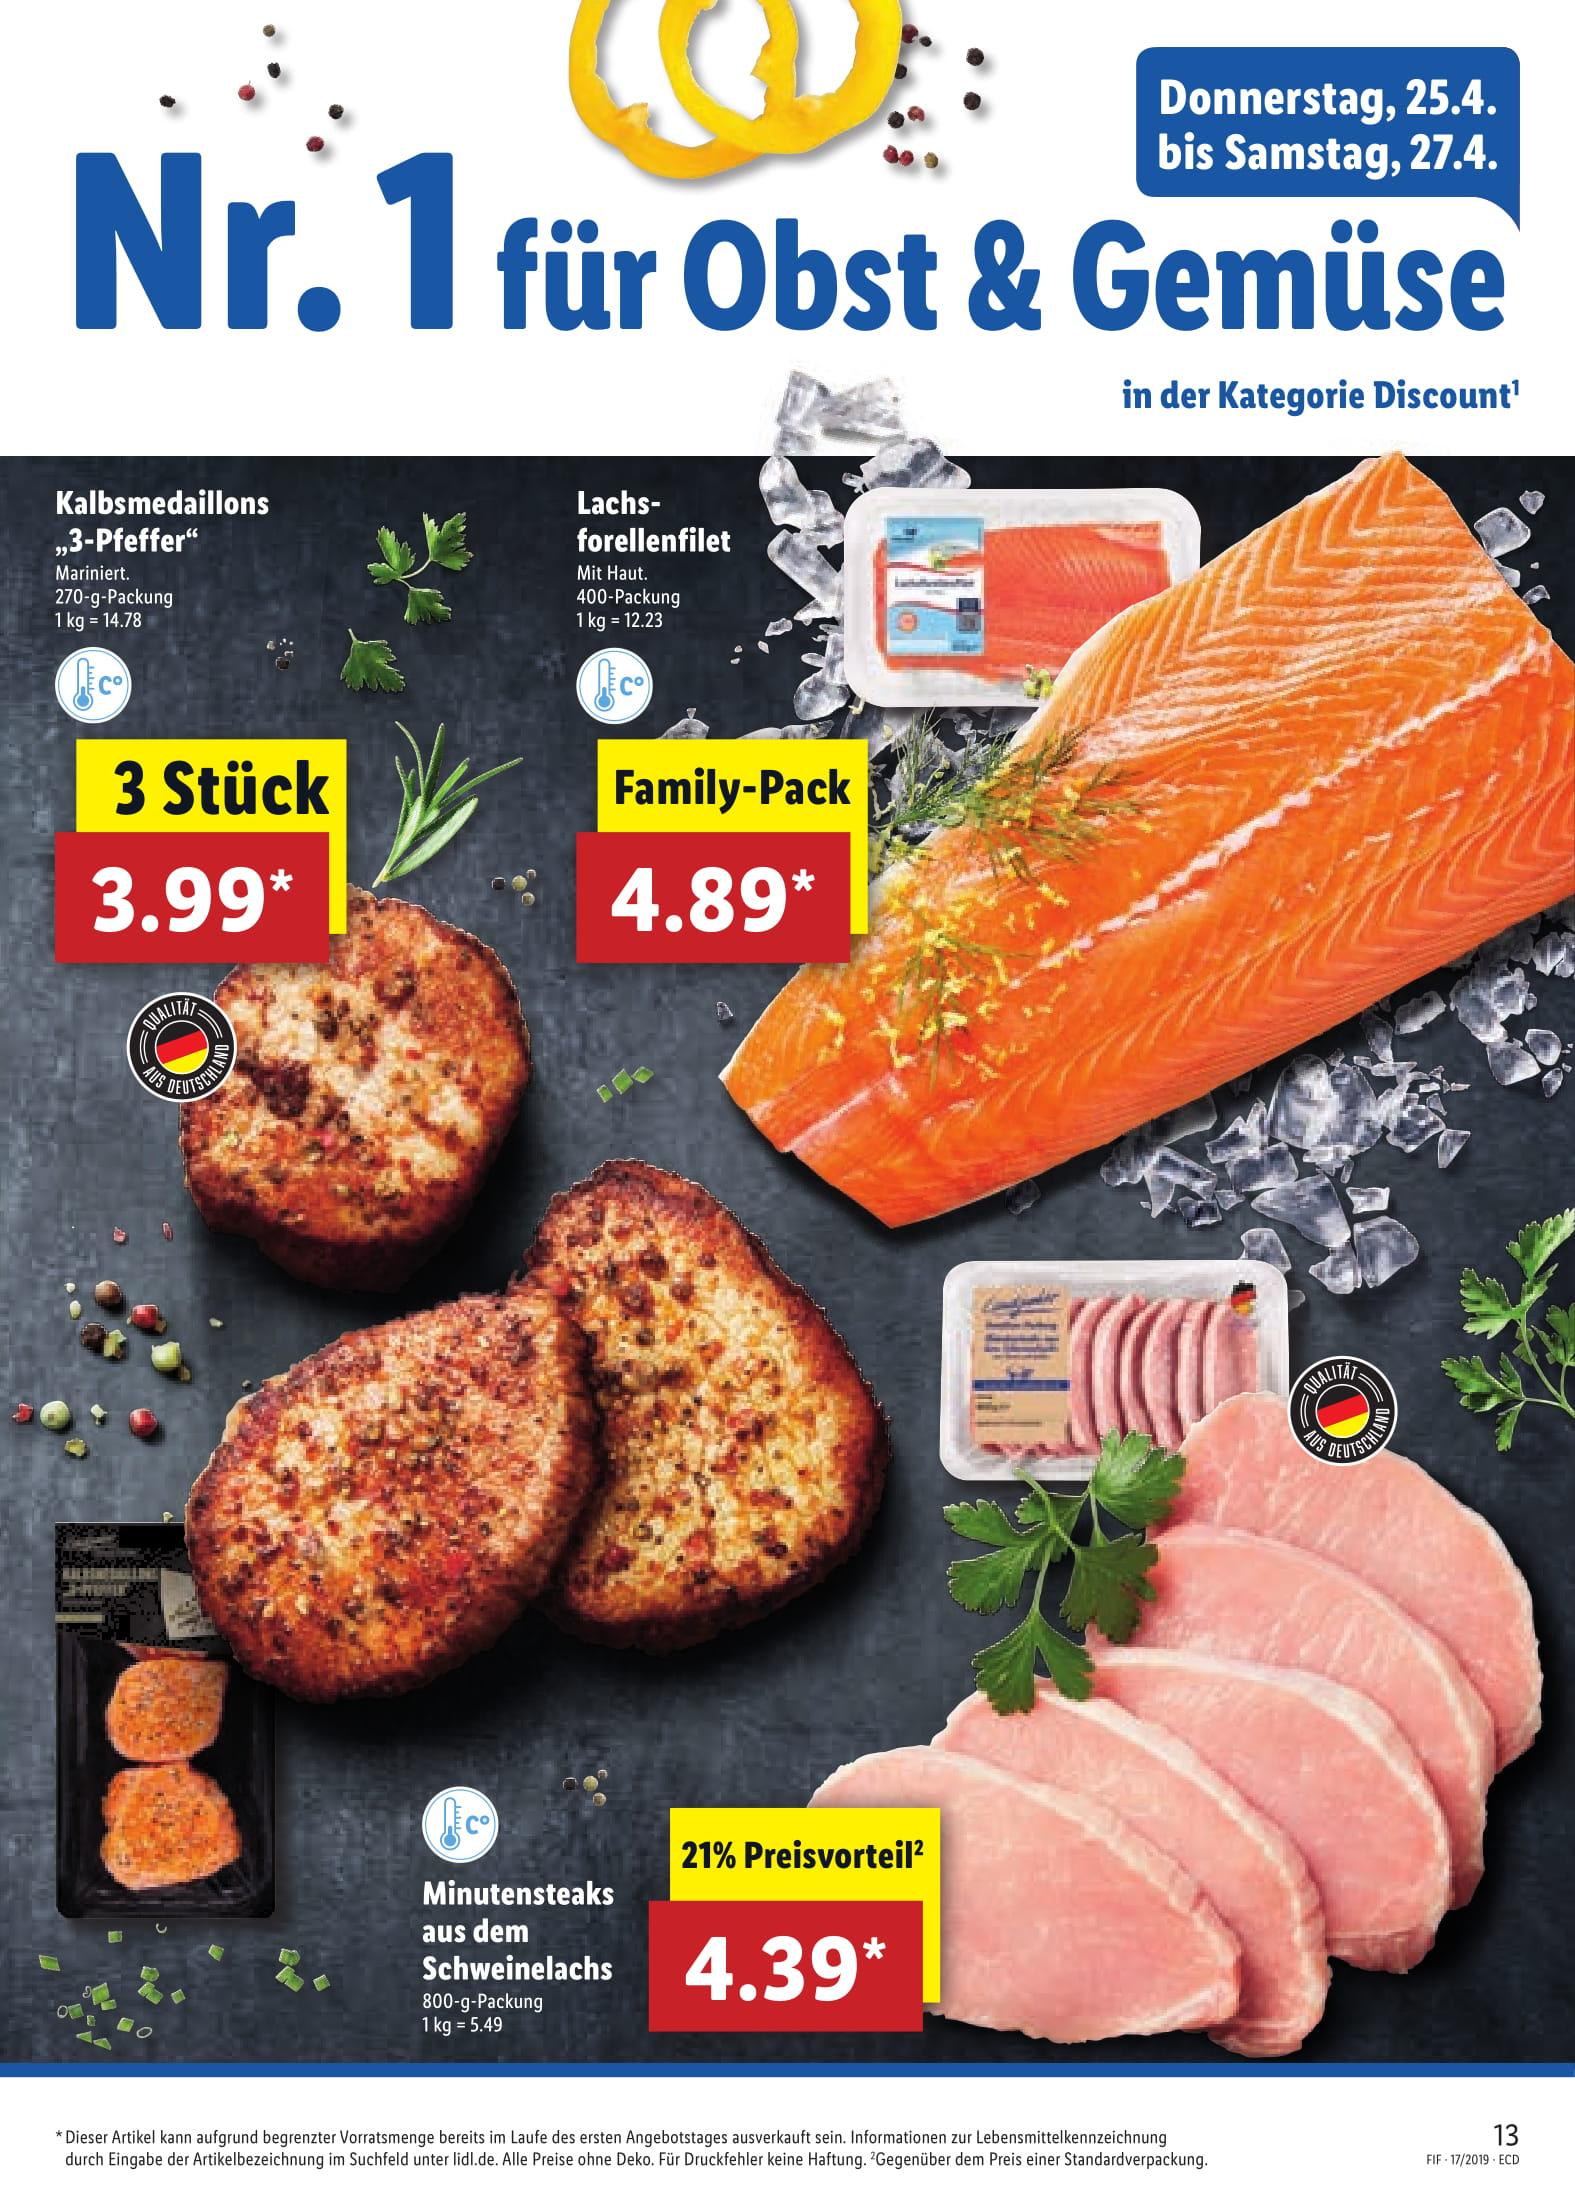 Wochenprospekt-Unsere-Angebote-der-Woche-02-13